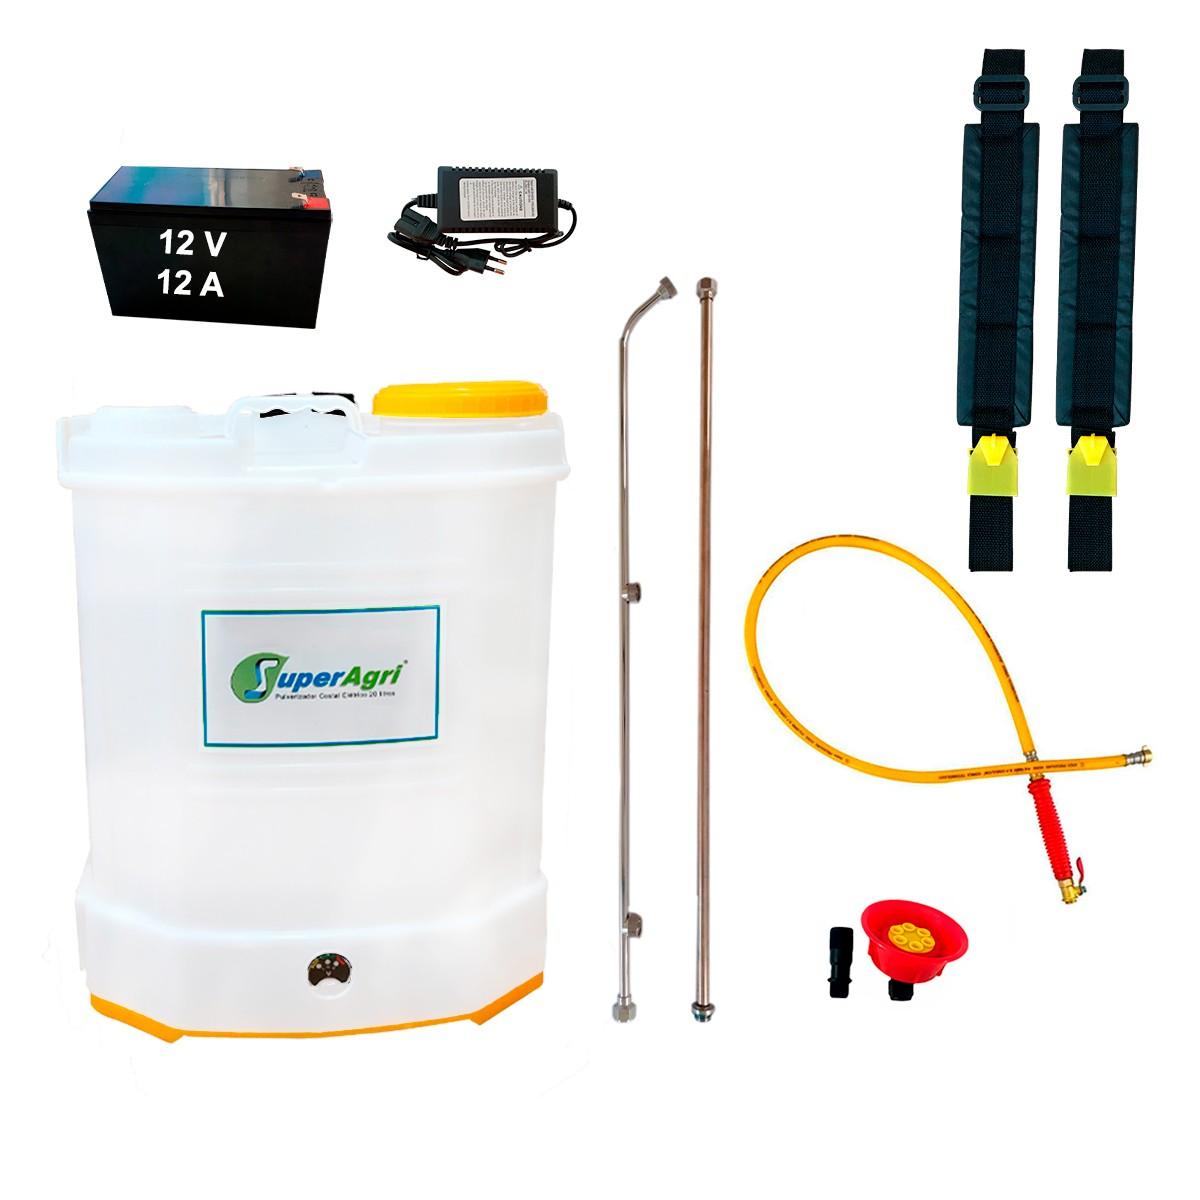 Pulverizador Costal Elétrico 20 Litros 100 PSI Bateria 12V 12A C/ Mangueira de Alta Pressão e Bico Chuveiro